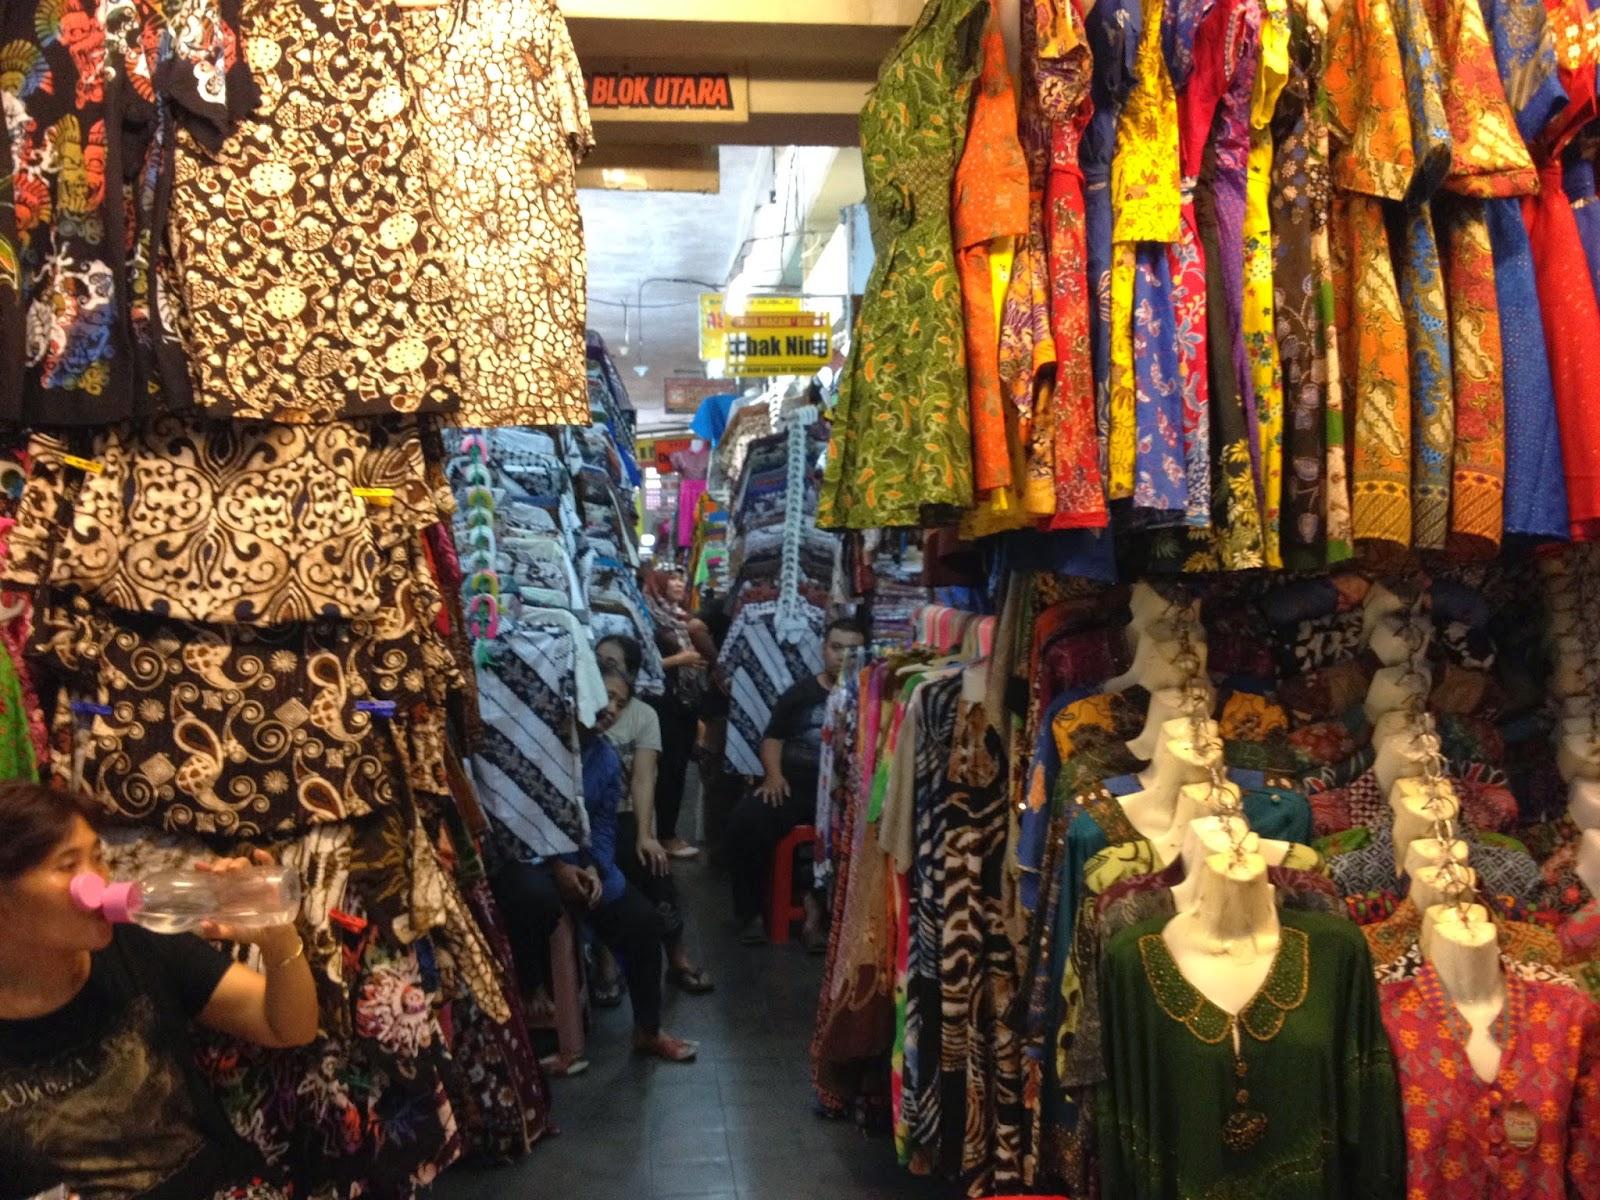 Grosir Daster Katun Bandung Tempat Jual Grosir Daster Cantik di Bandung dengan Harga Terjangkau